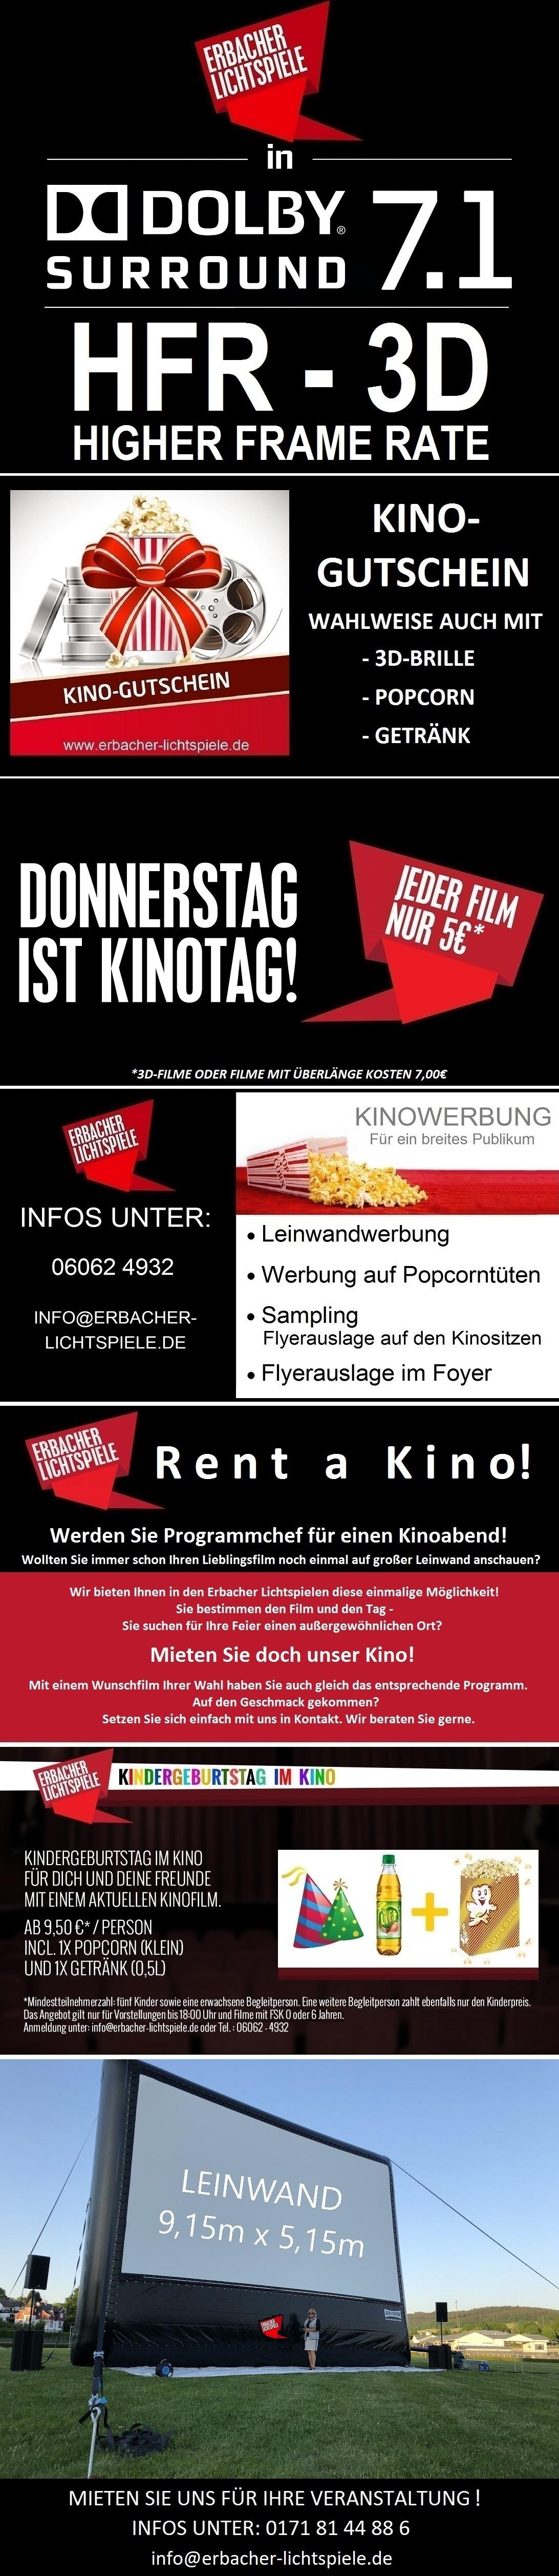 Lichtspiele Erbach Programm